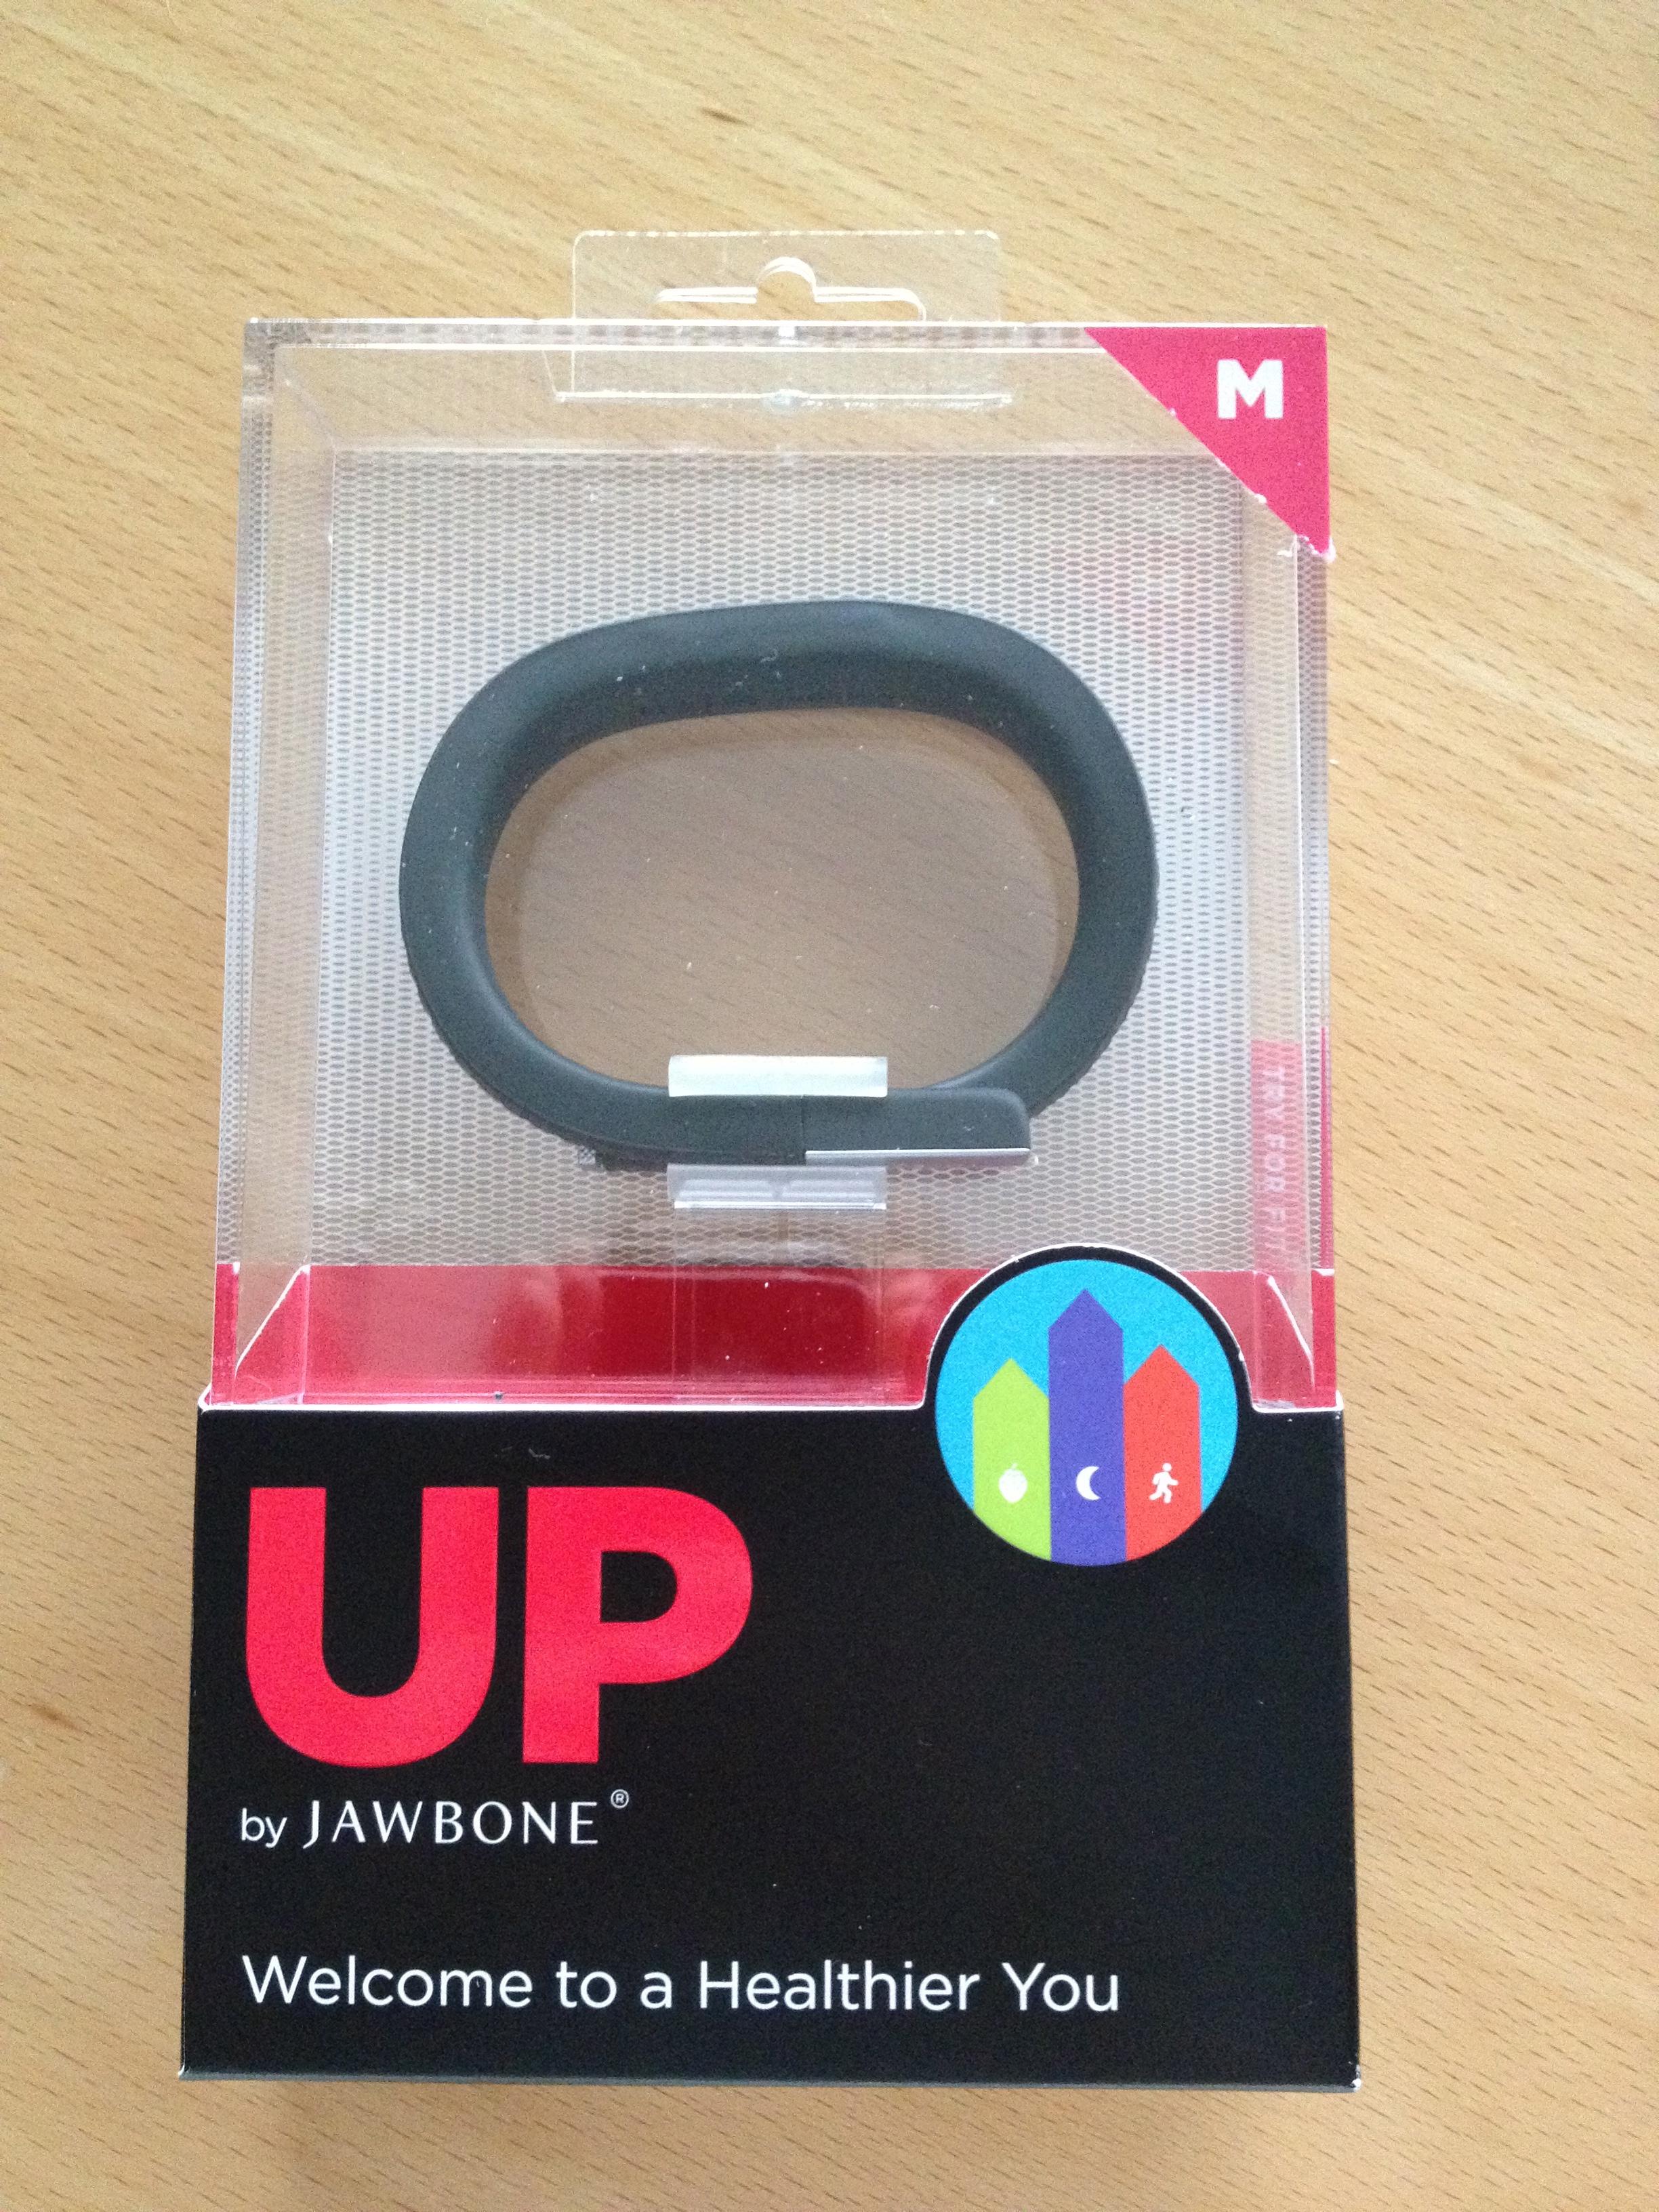 Willkommen zu einem gesünderen DU – Jawbone Up